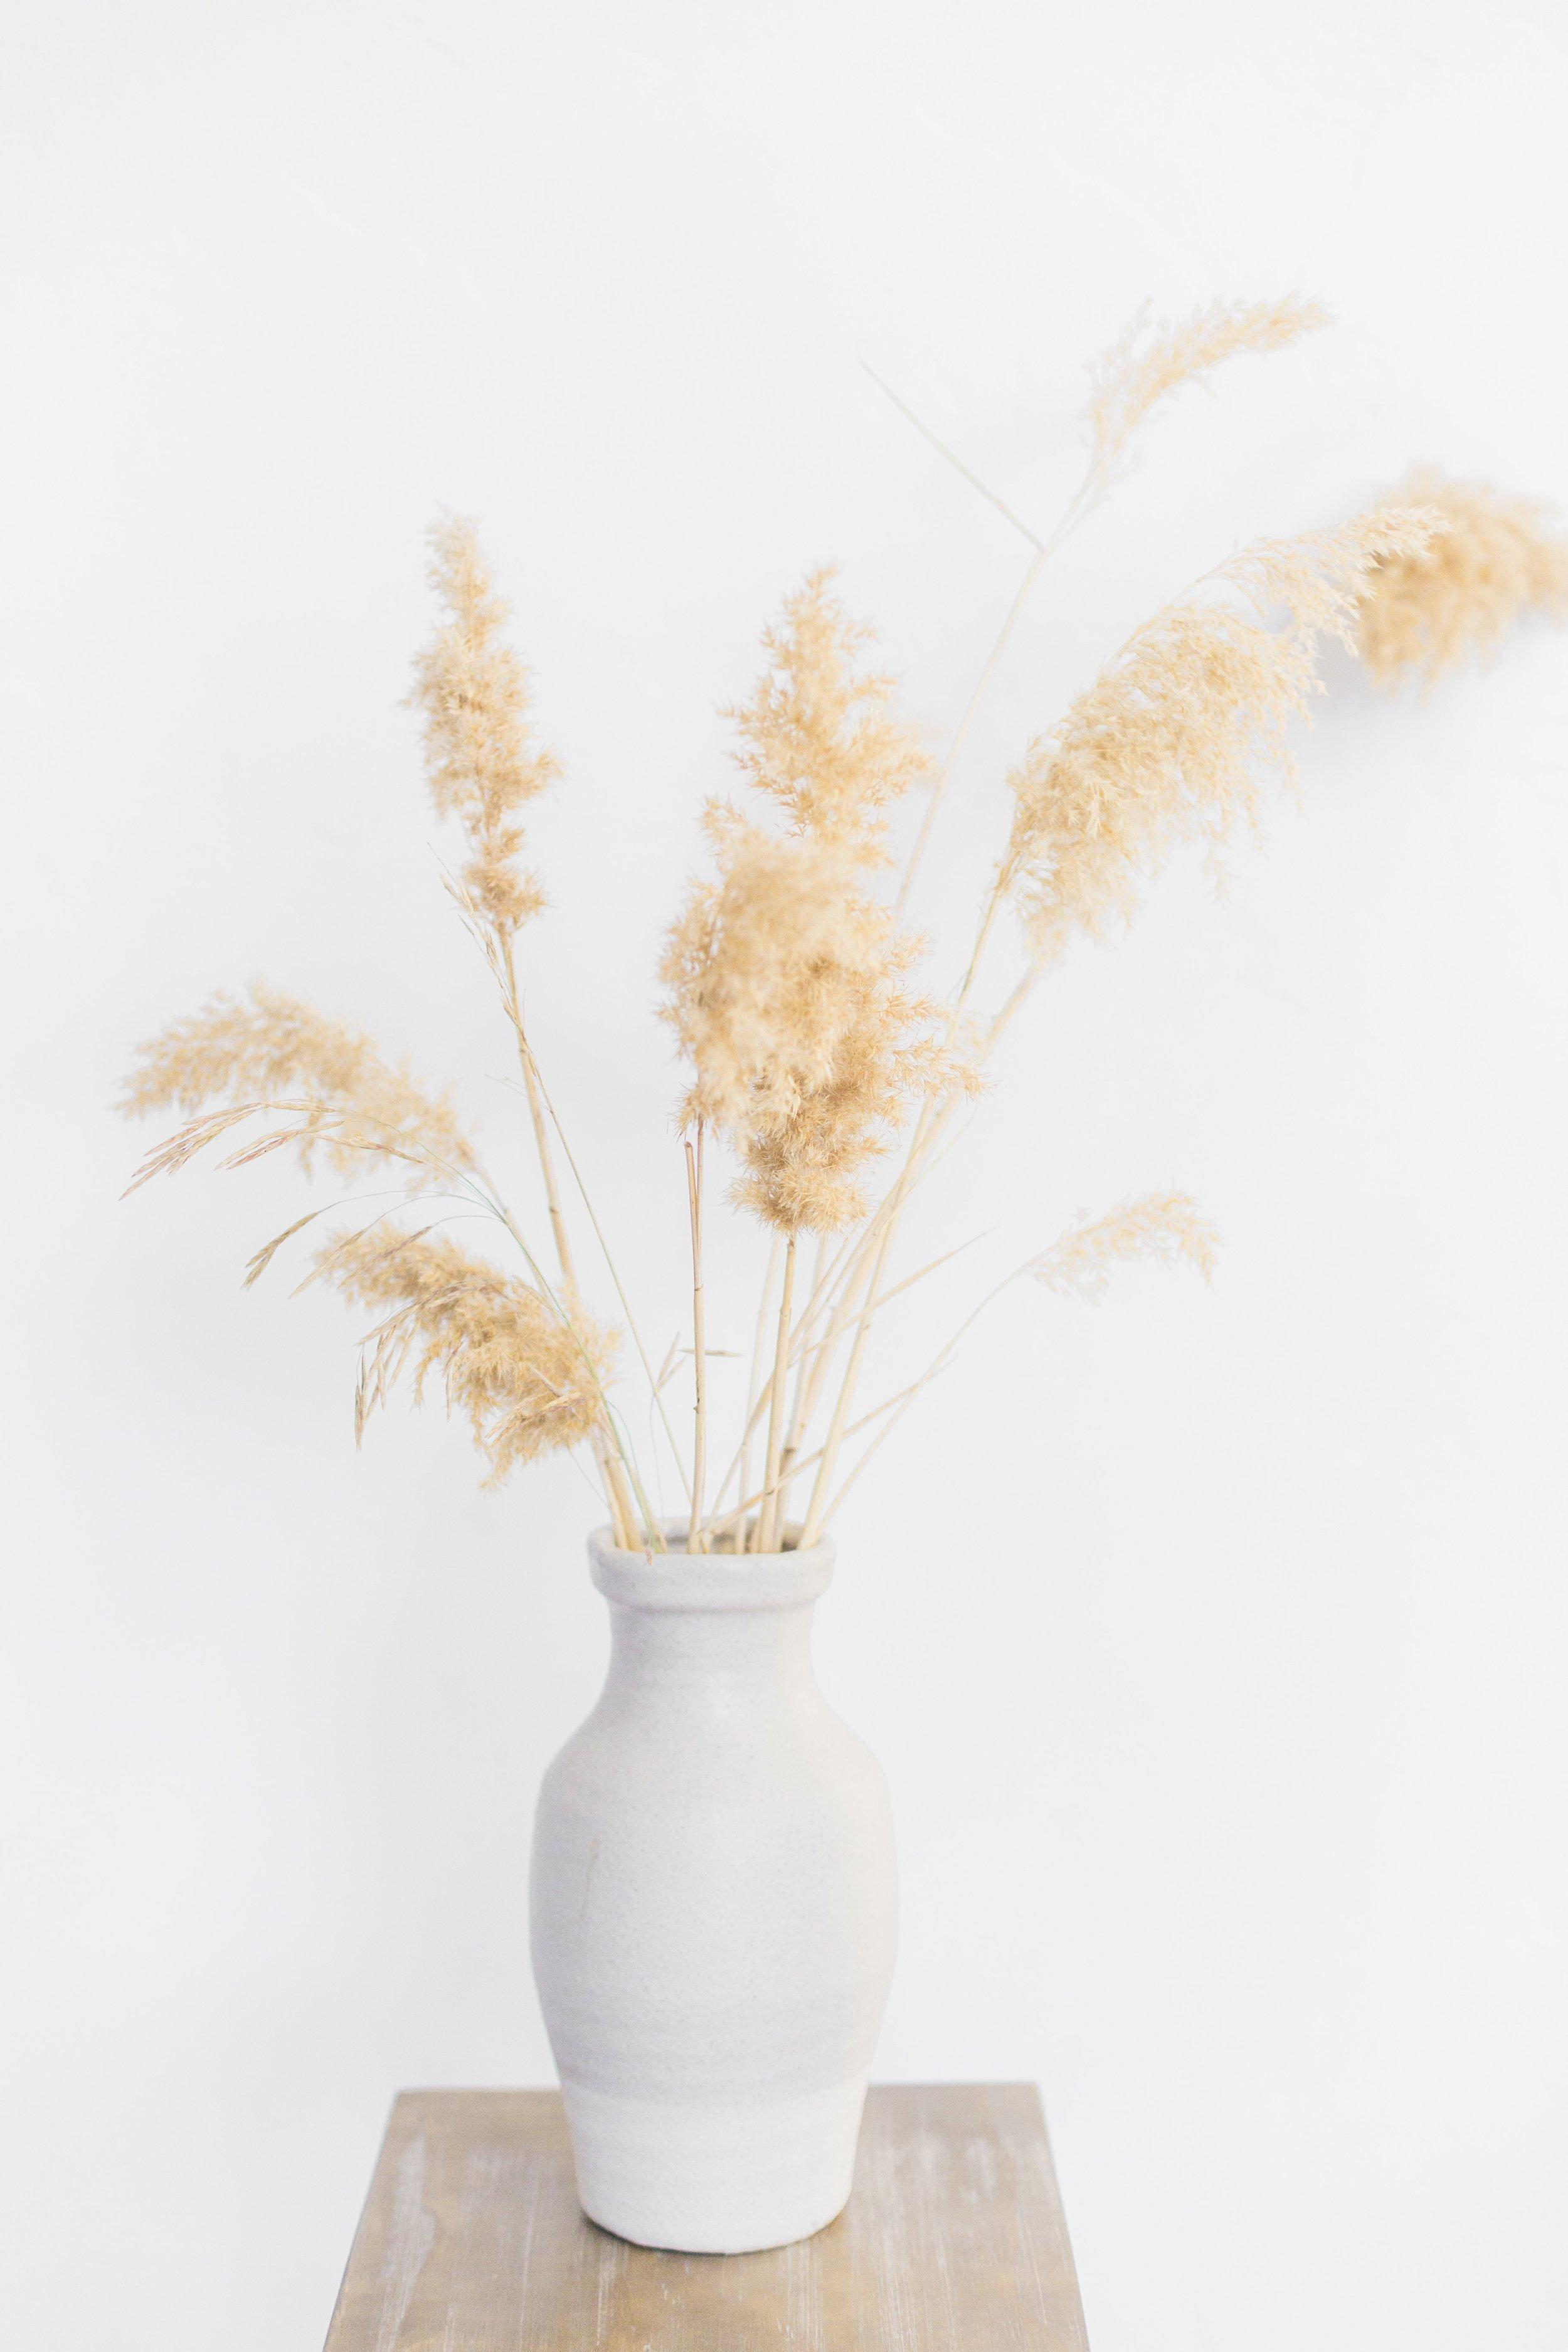 minimaliststinspriation-184.jpg